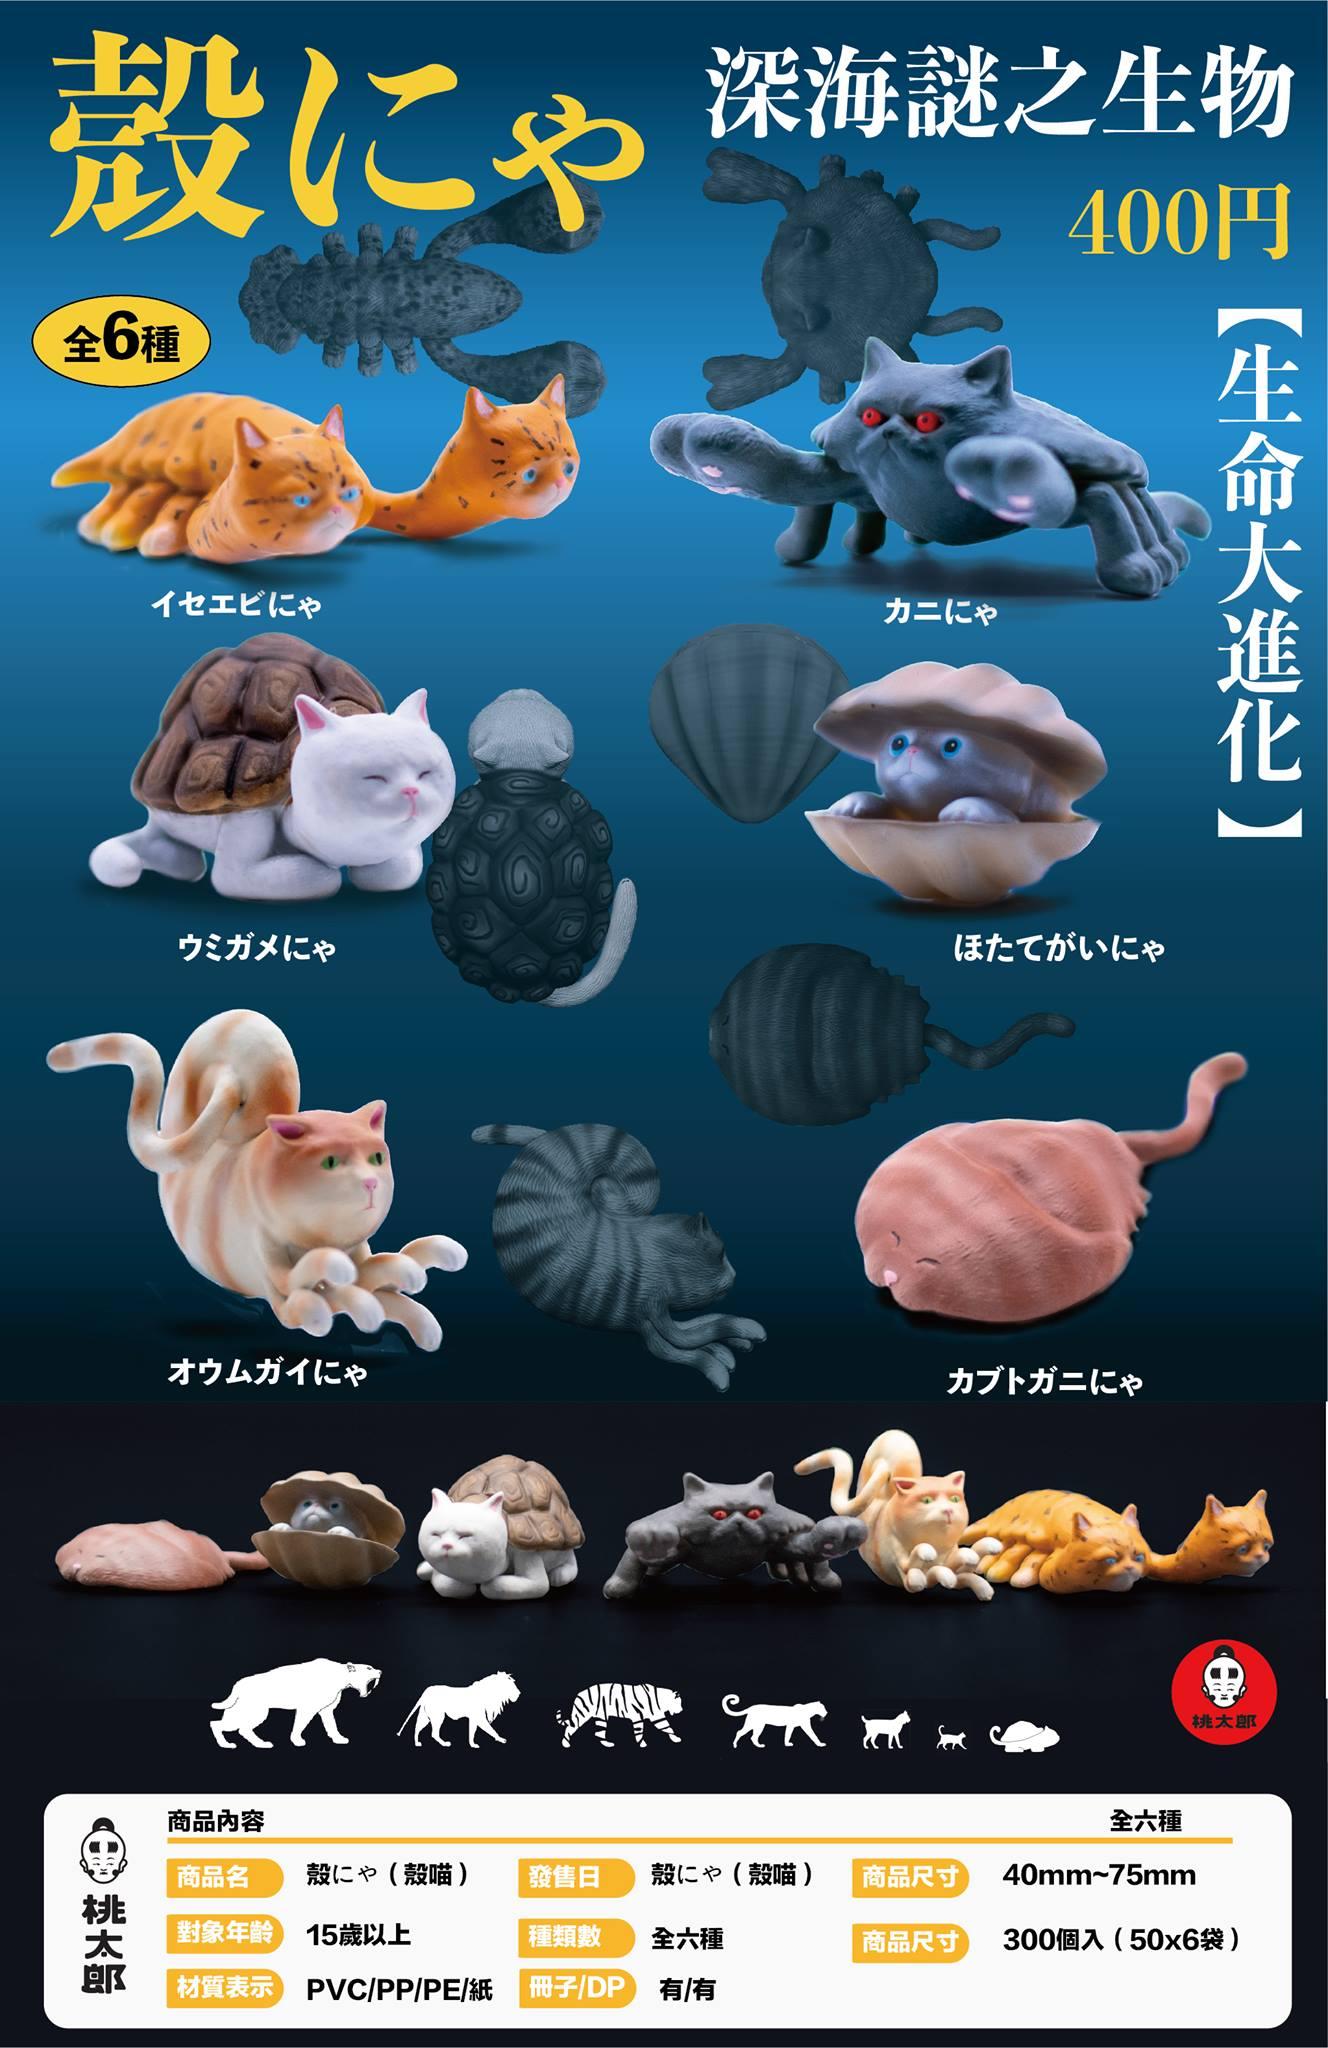 2058年地球進入「大海洋時代」誕生的全新物種 「殼喵扭蛋」太獵奇網友搶買:錢拿去!